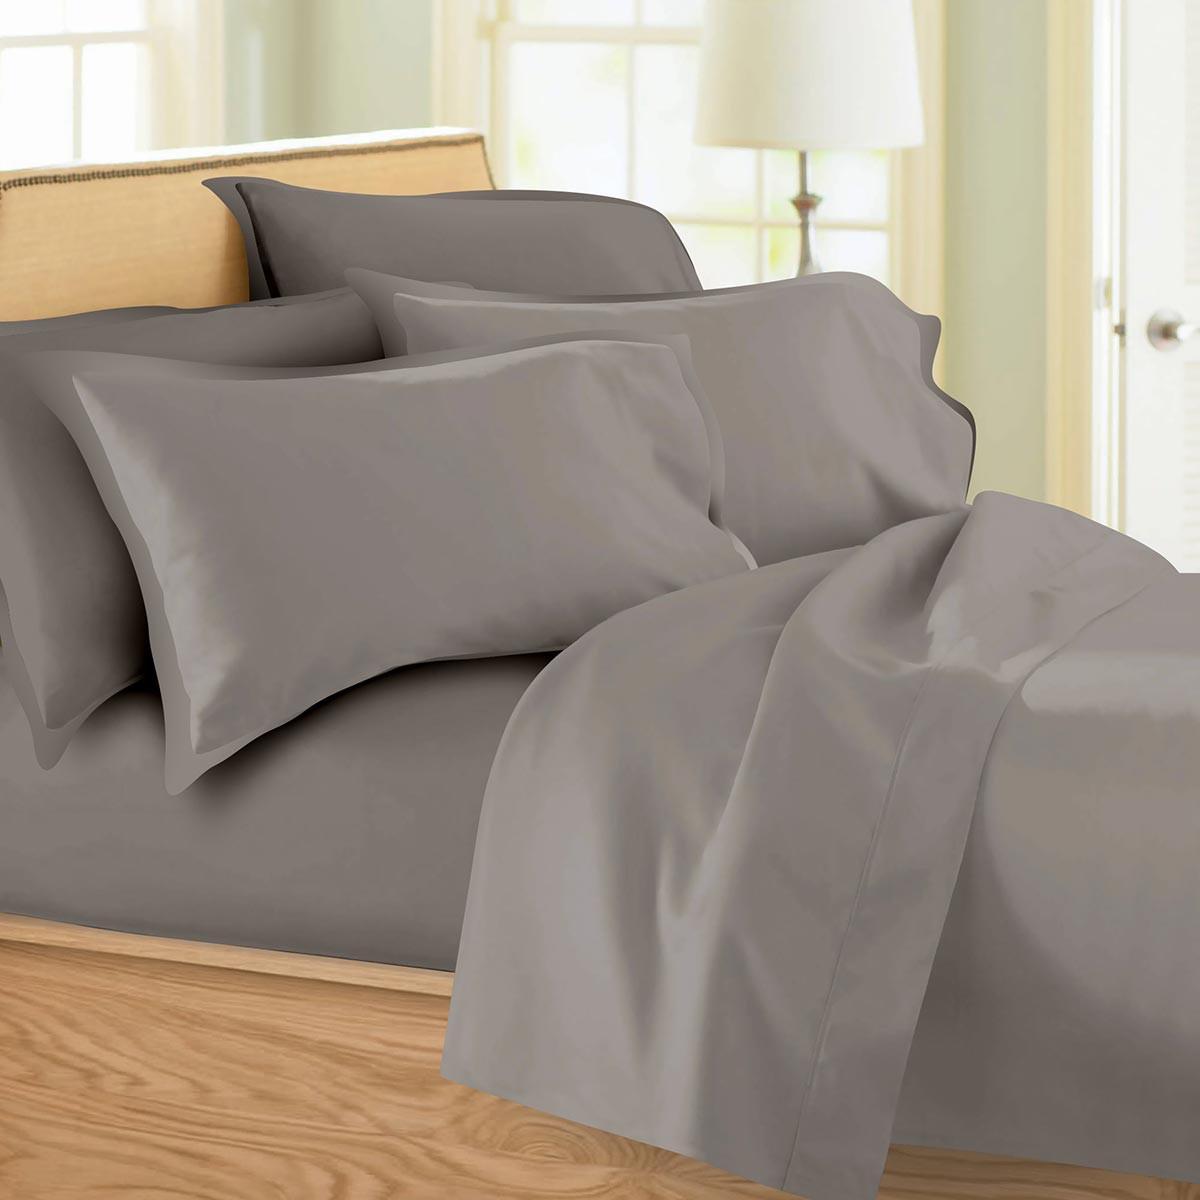 Σεντόνια Υπέρδιπλα (Σετ) Maison Blanche 62002 Grey/Grey